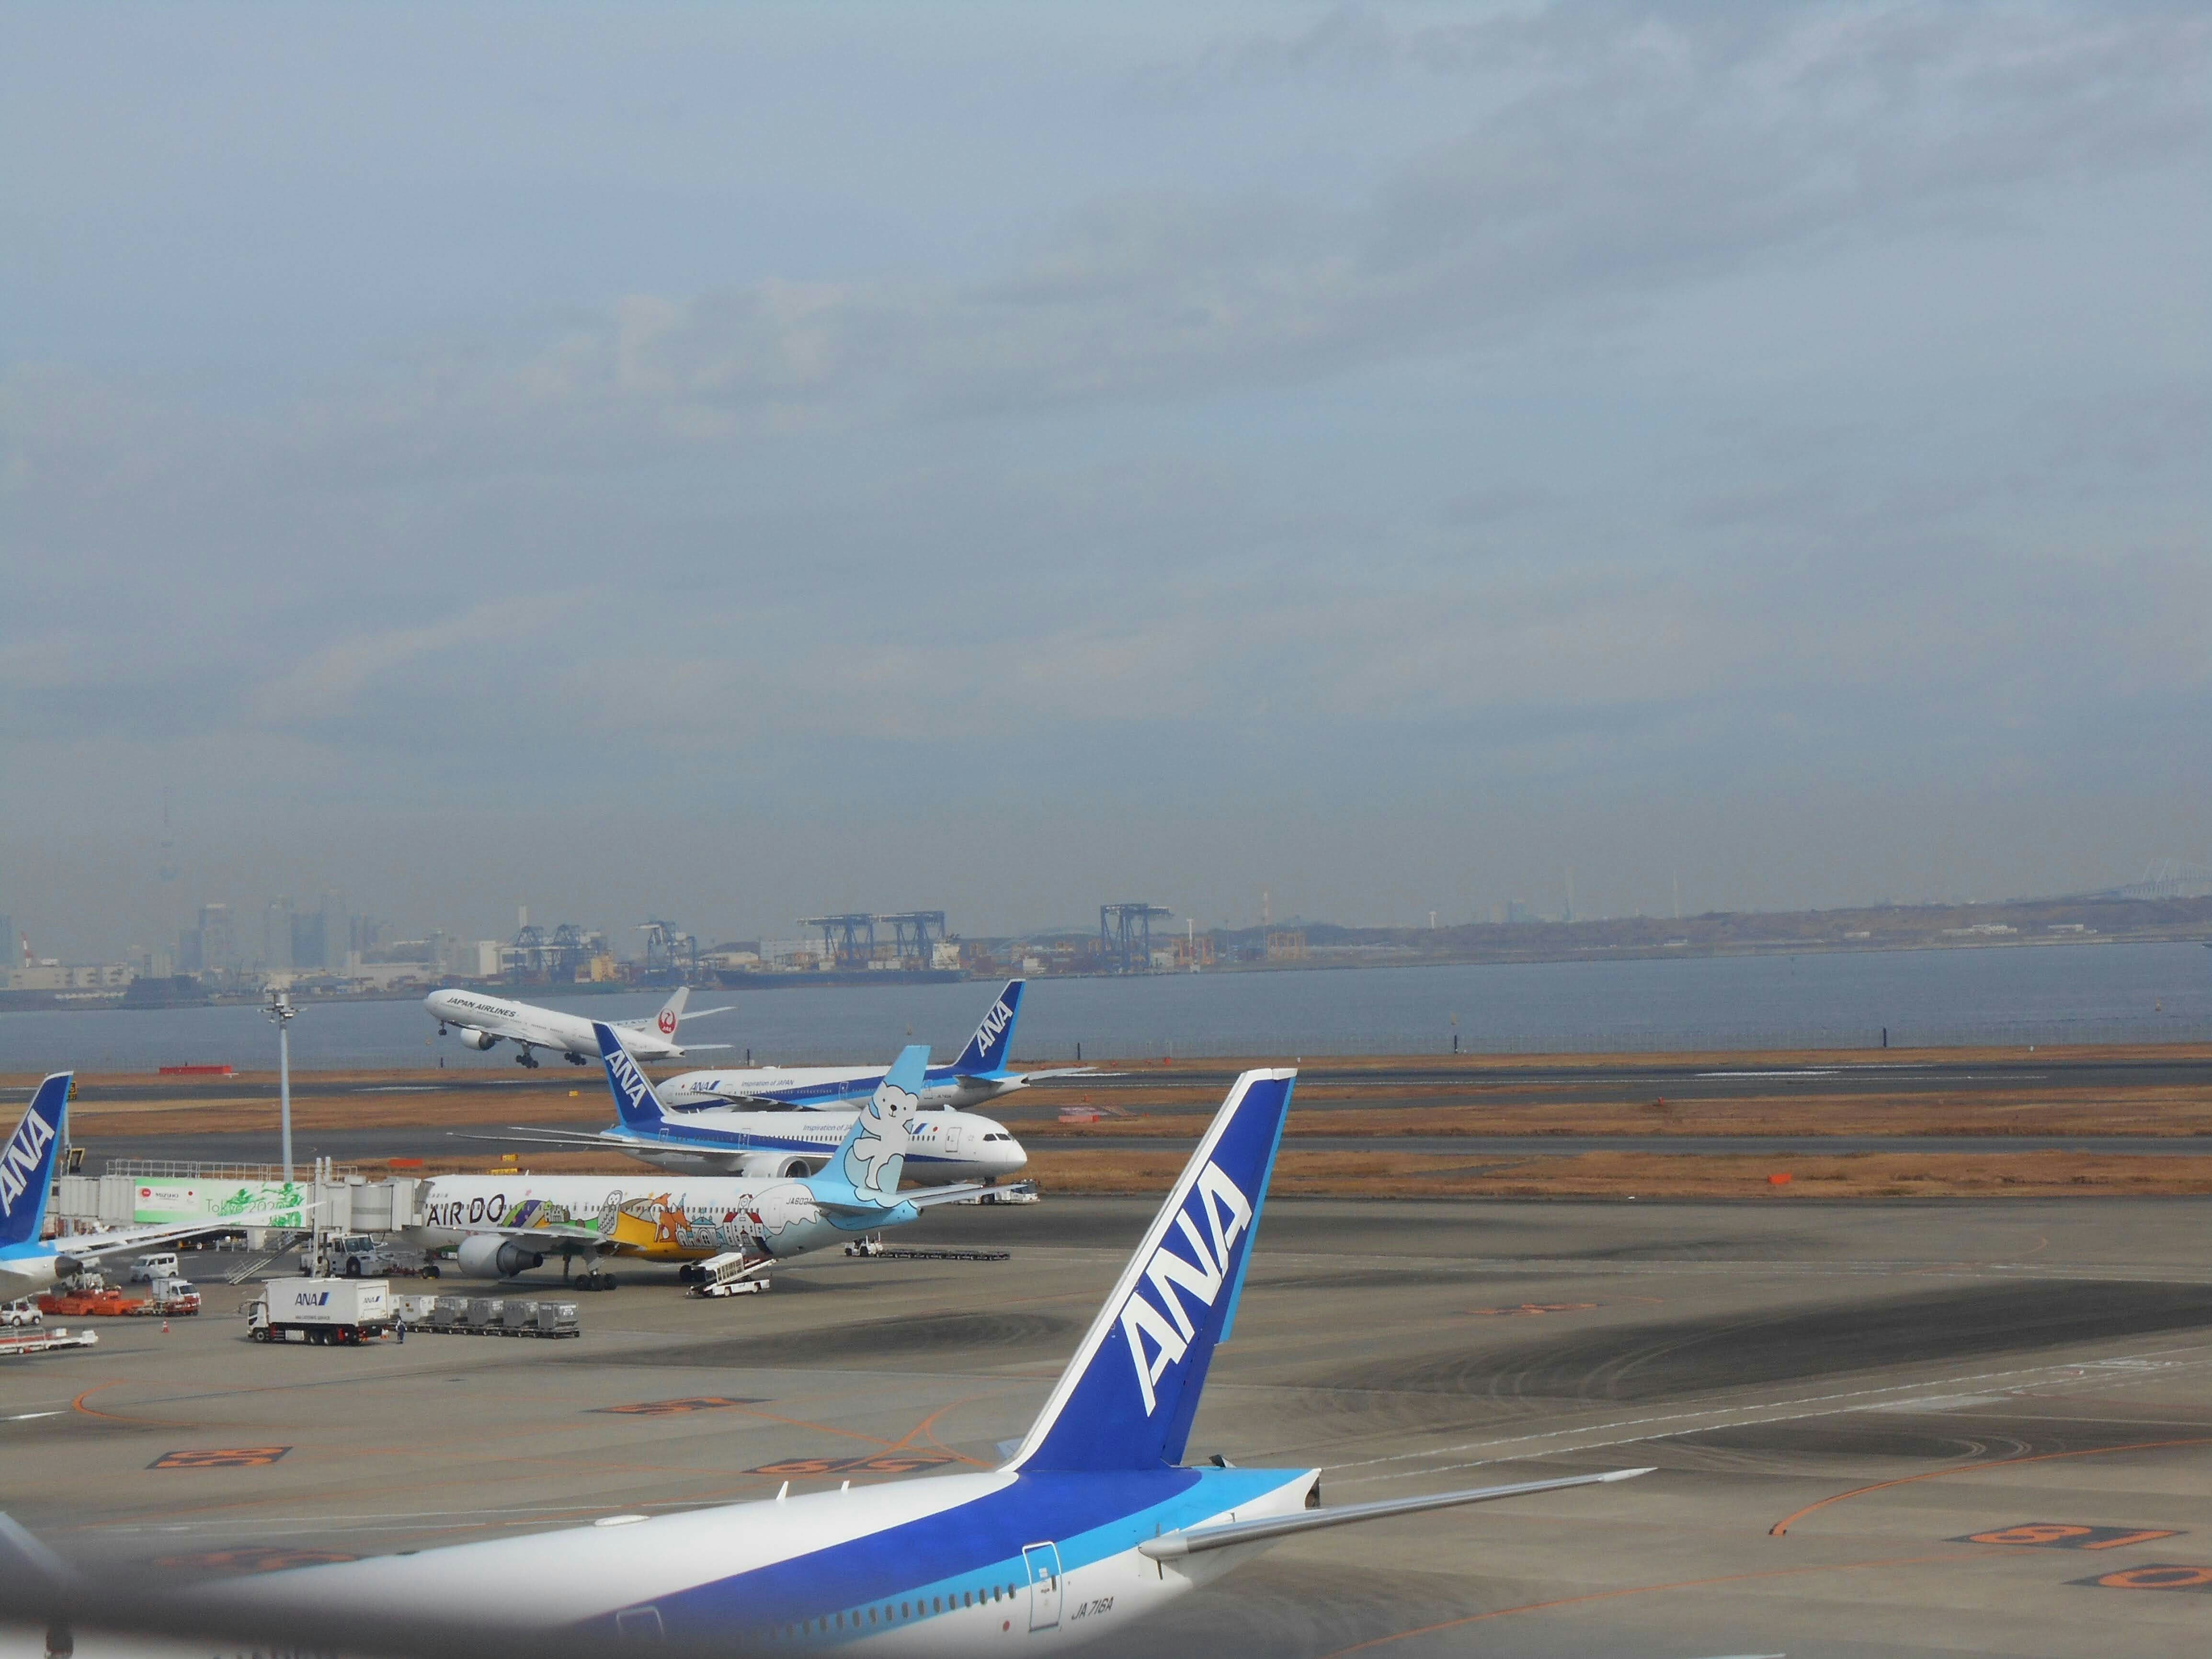 f:id:A350-900:20210110082319j:image